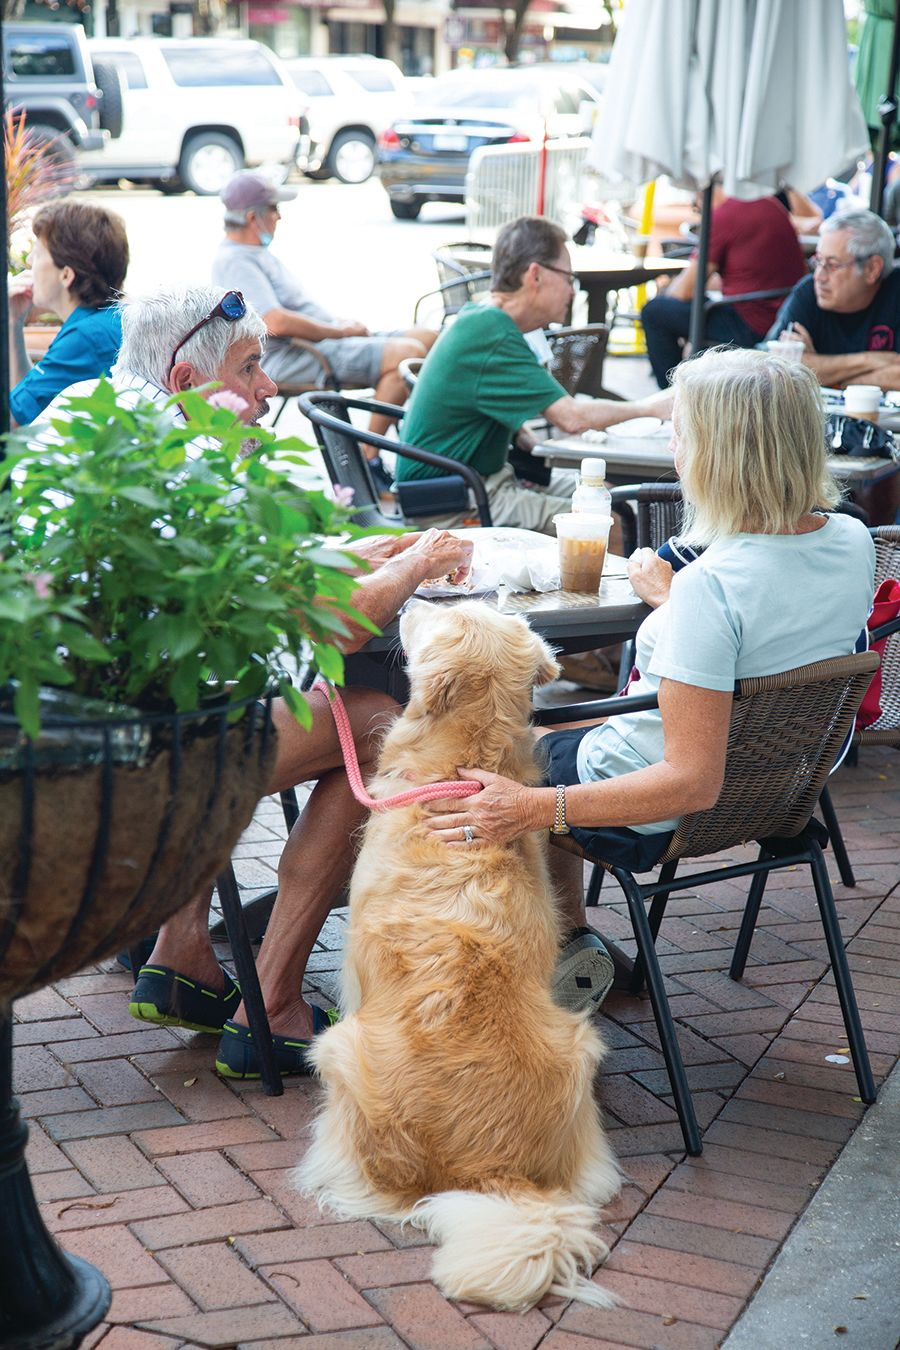 A sidewalk cafe on Main Street